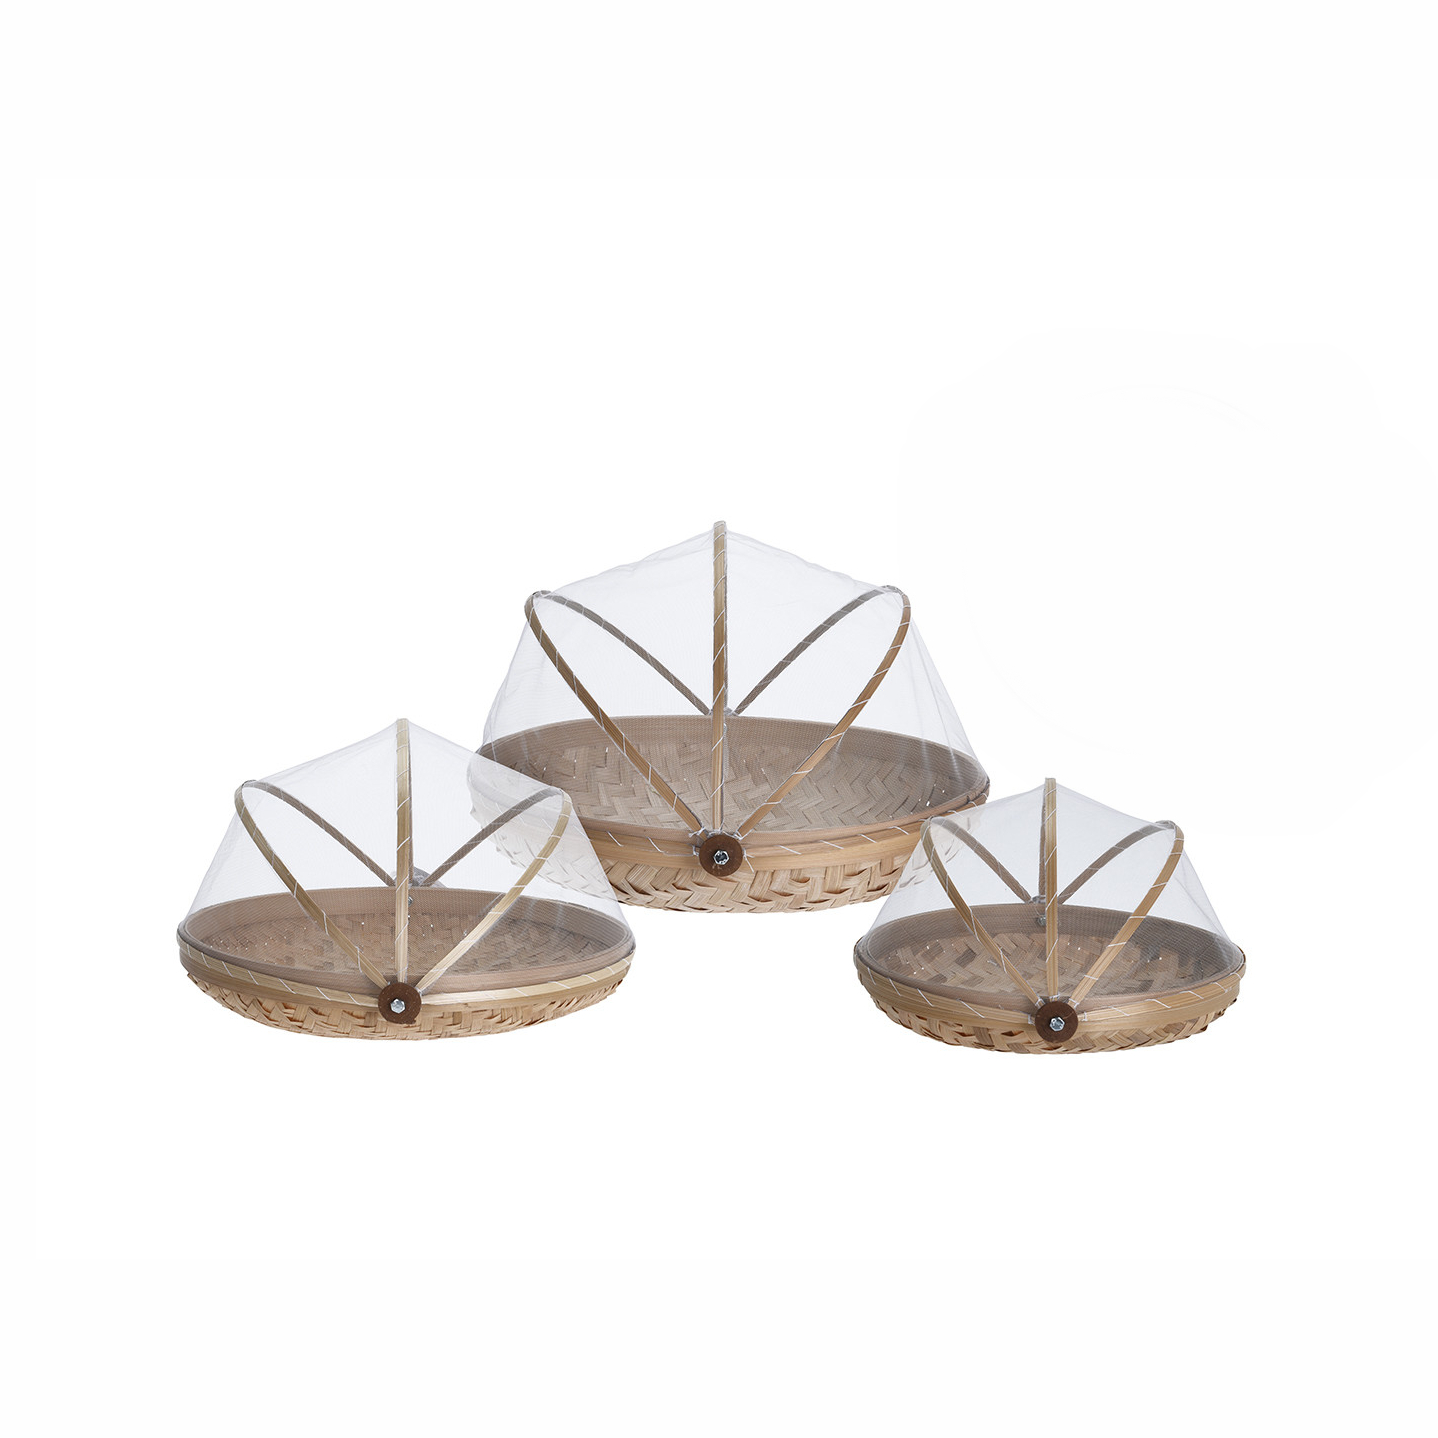 Набор корзинок Koopman tableware бамбук 3 шт набор форм для выпечки koopman tableware 3 шт